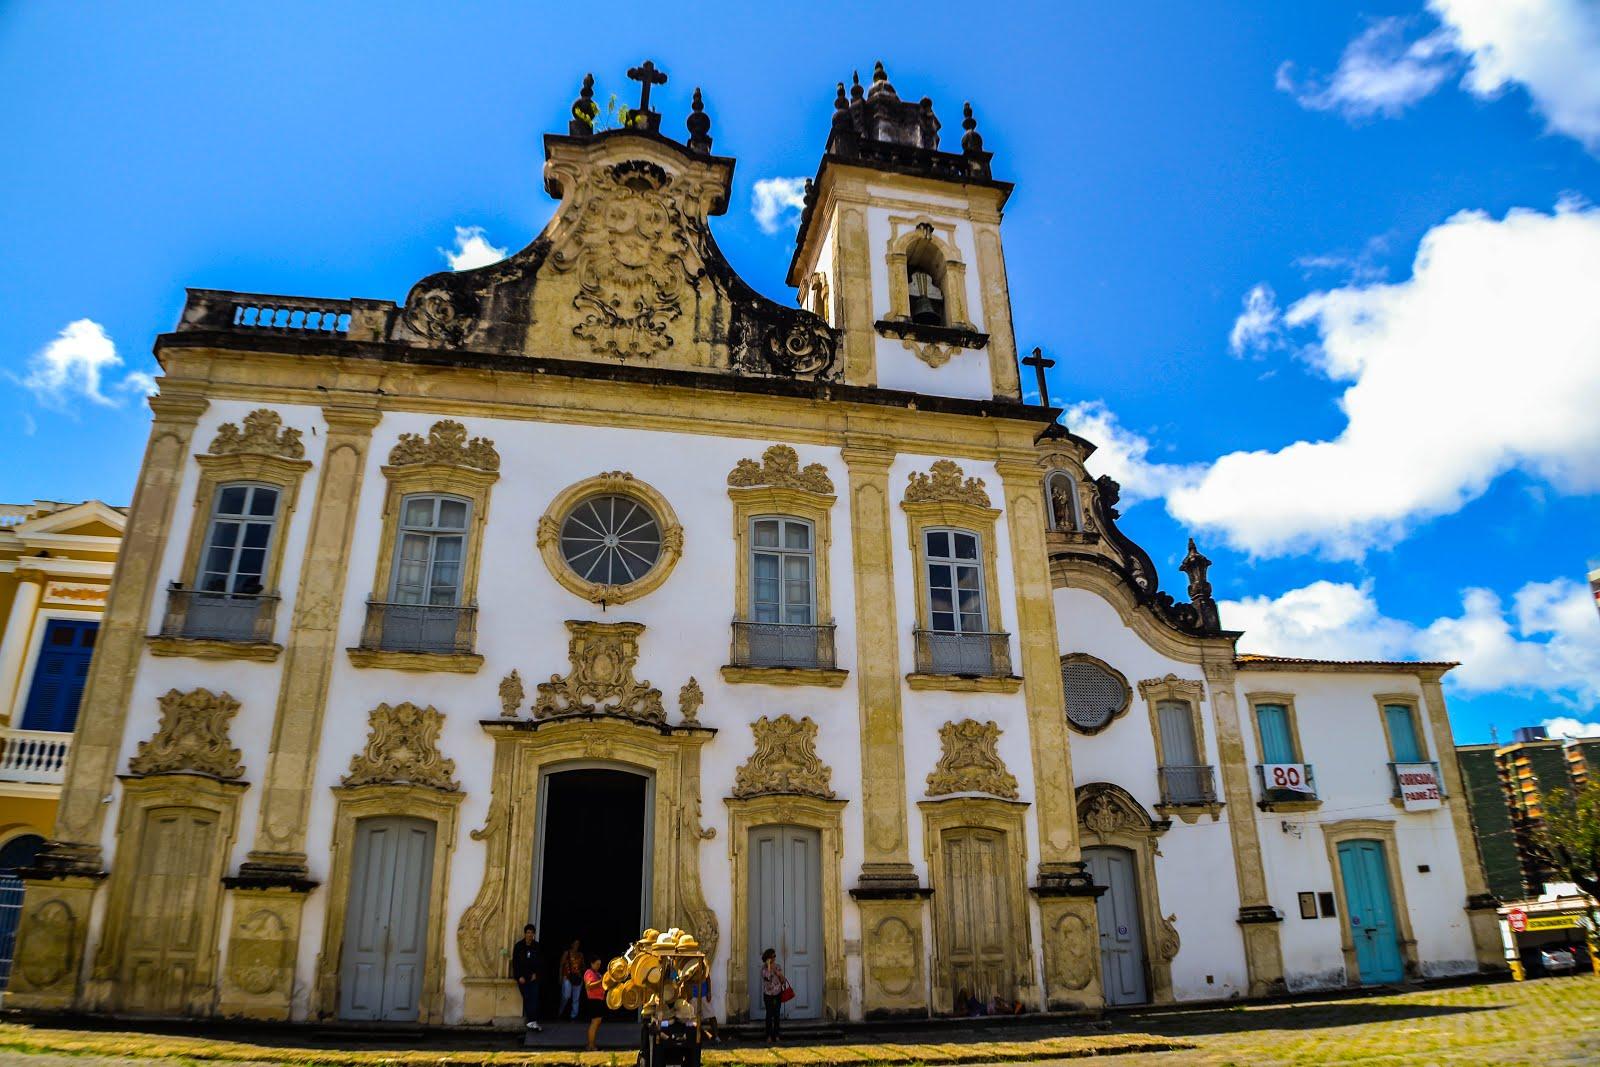 CENTRO HISTÓRICO DE JOÃO PESSOA